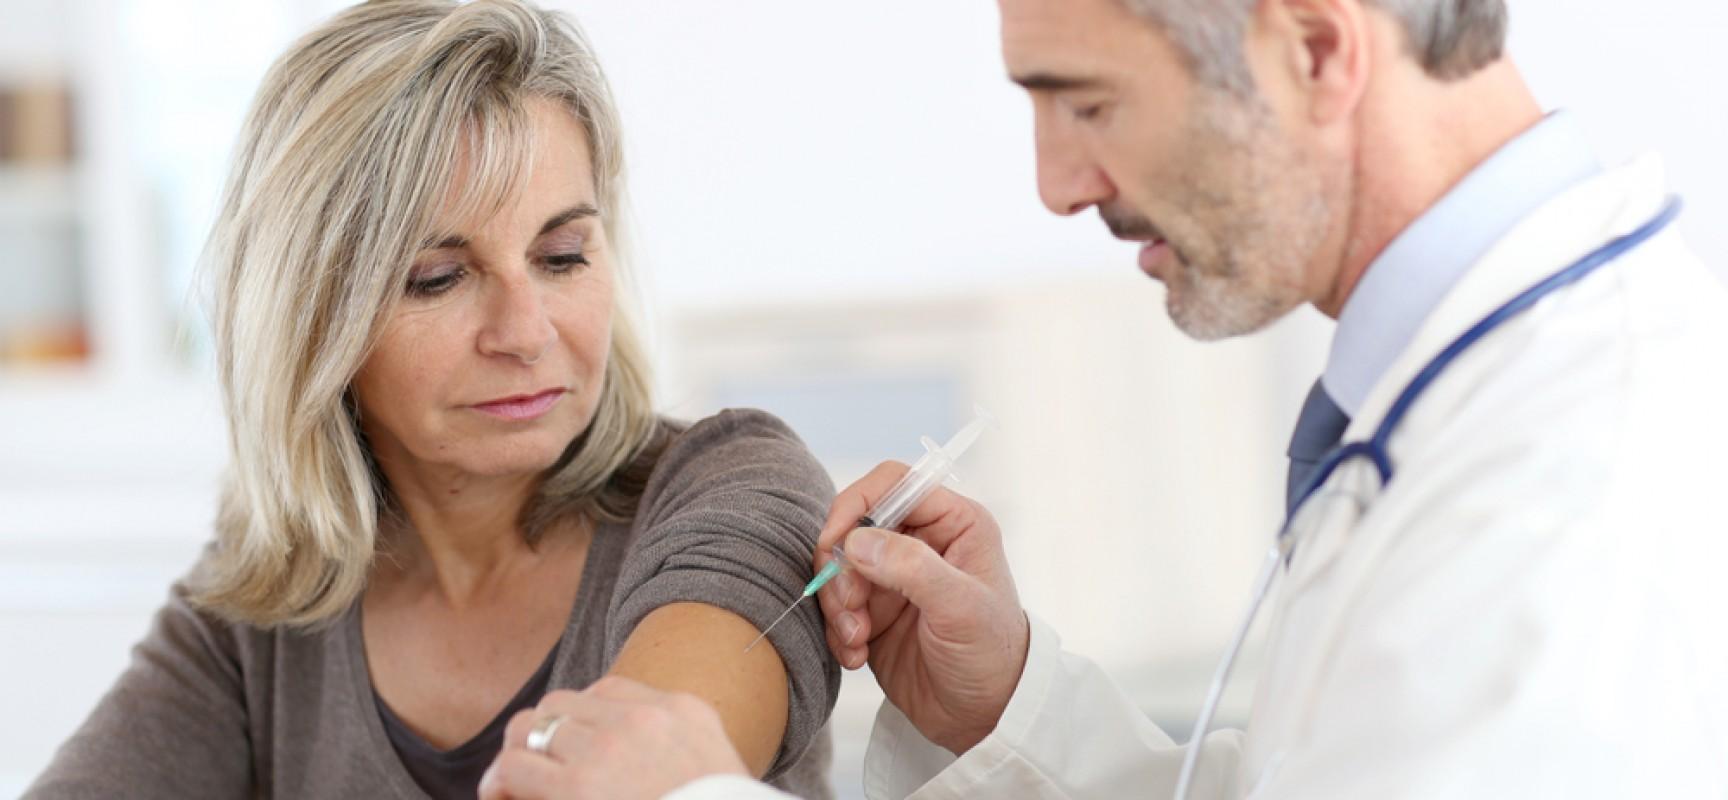 Dos casos de enfermedad neurológica podrían poner en riesgo vacuna  Covid-19